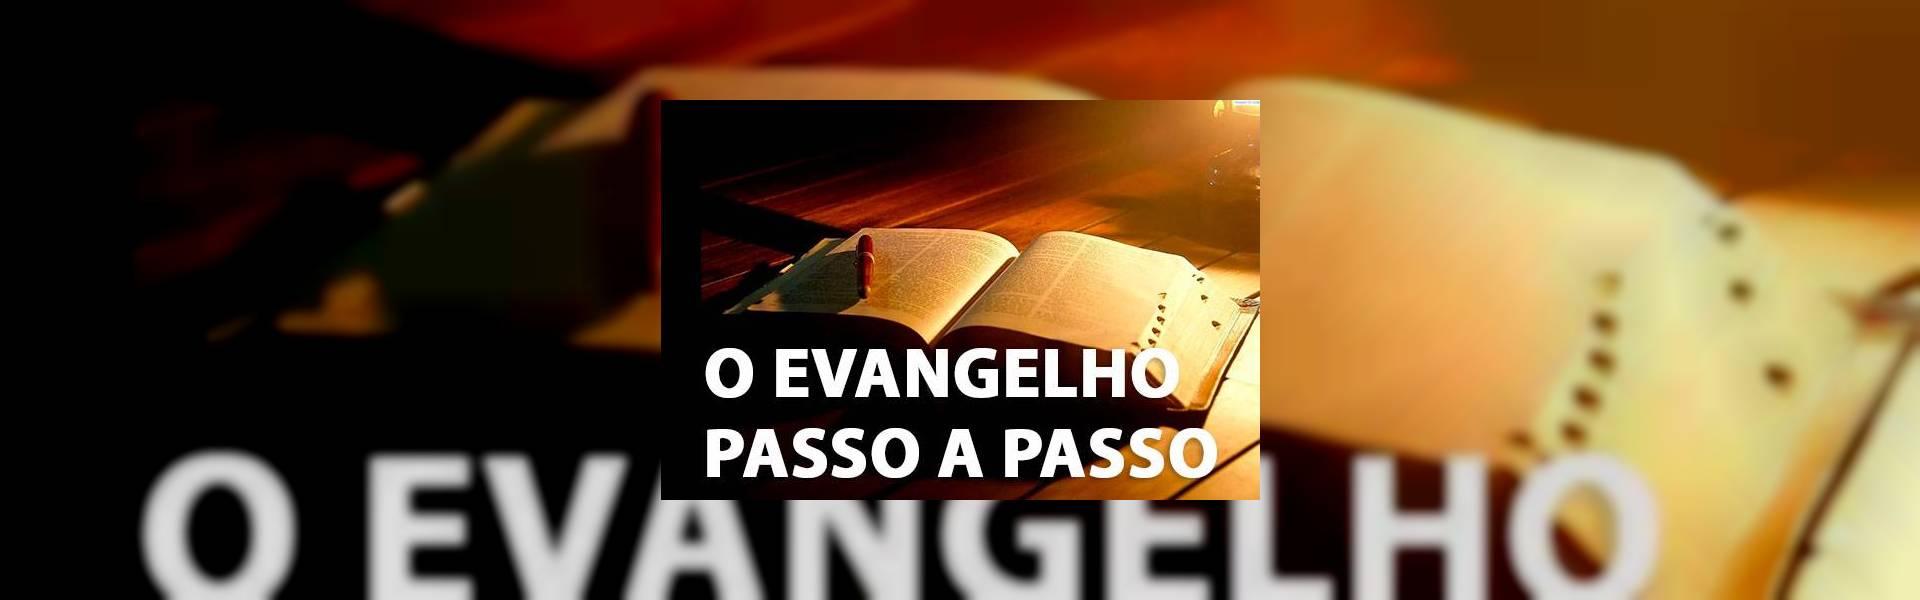 Mateus 11:2 - O Evangelho Passo a Passo